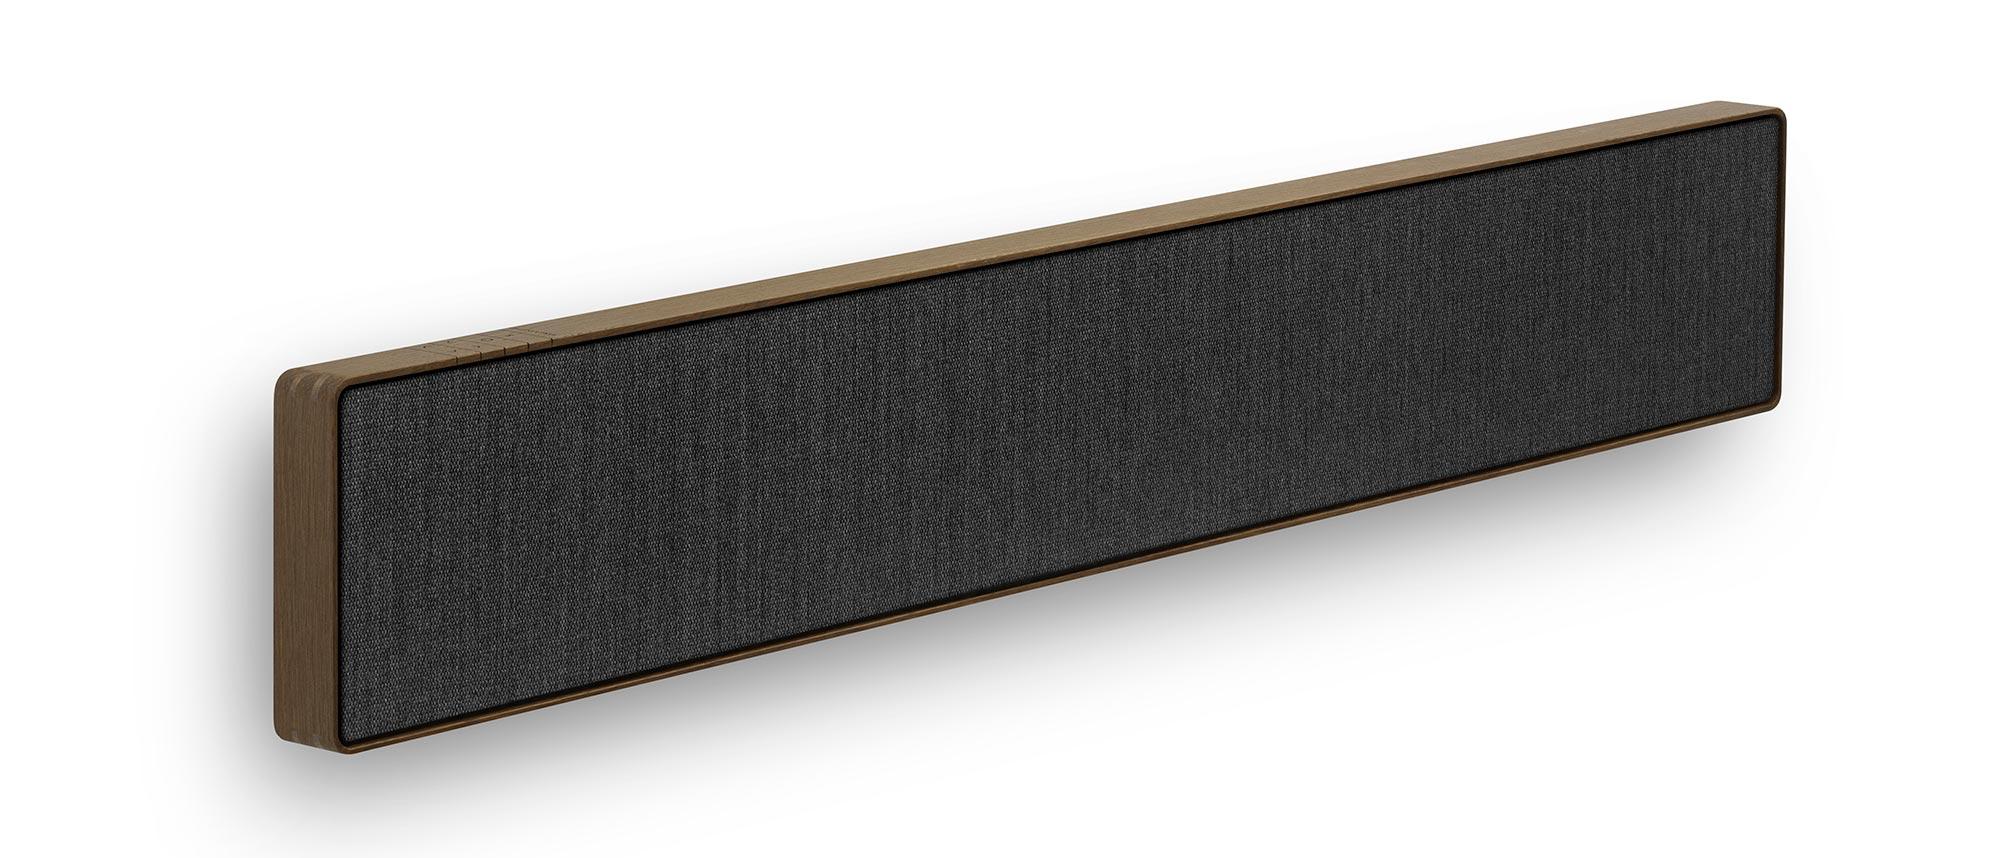 bang olufsen sets the stage for an atmos soundbar pickr. Black Bedroom Furniture Sets. Home Design Ideas